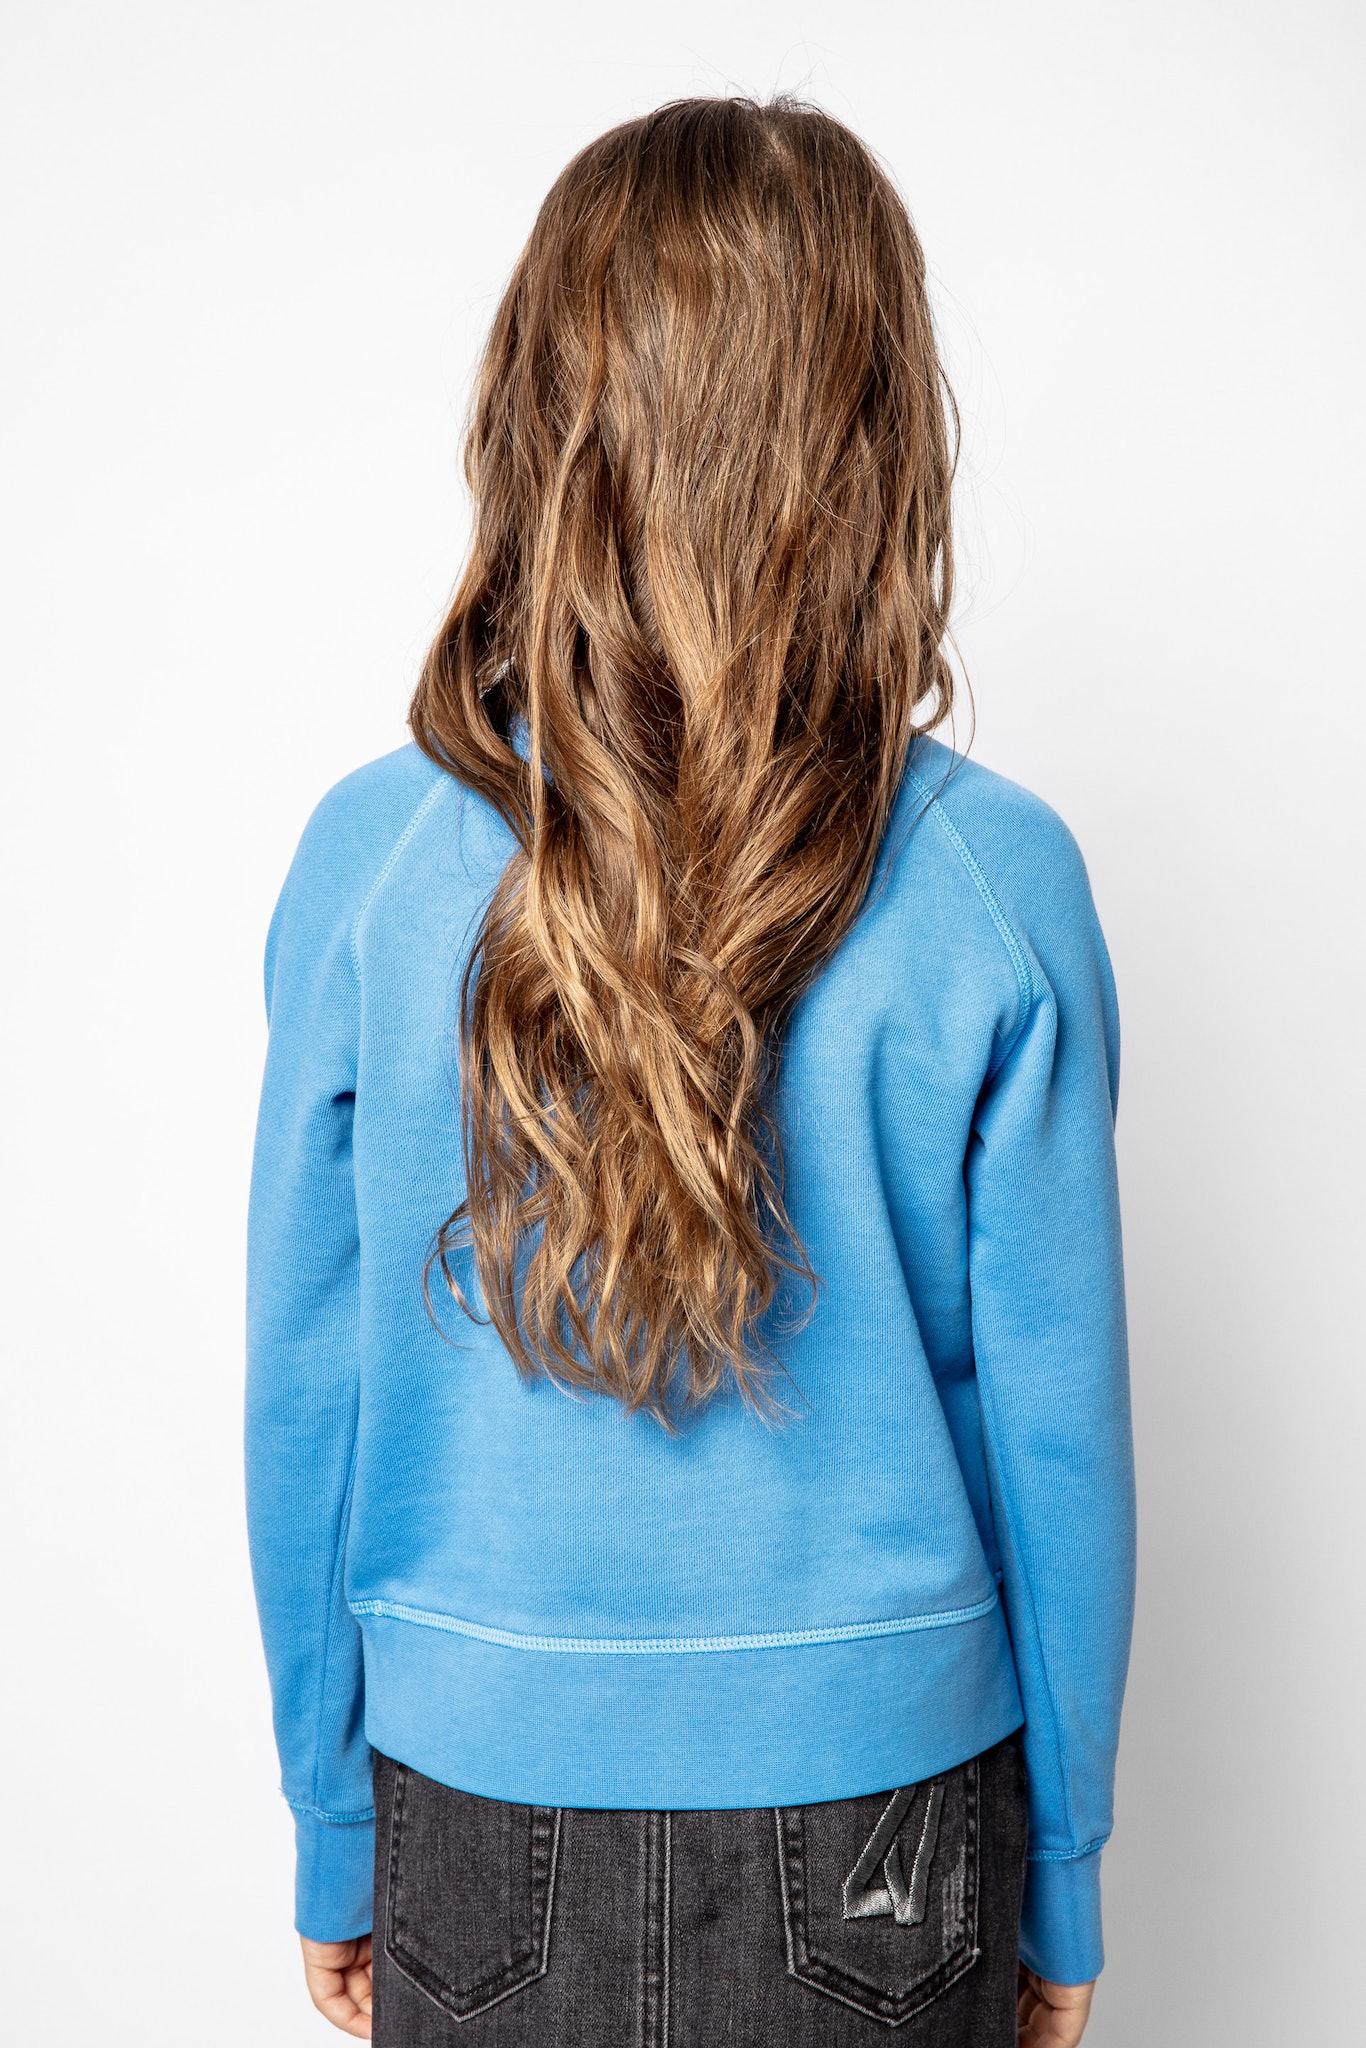 Sweatshirt Fame Enfant